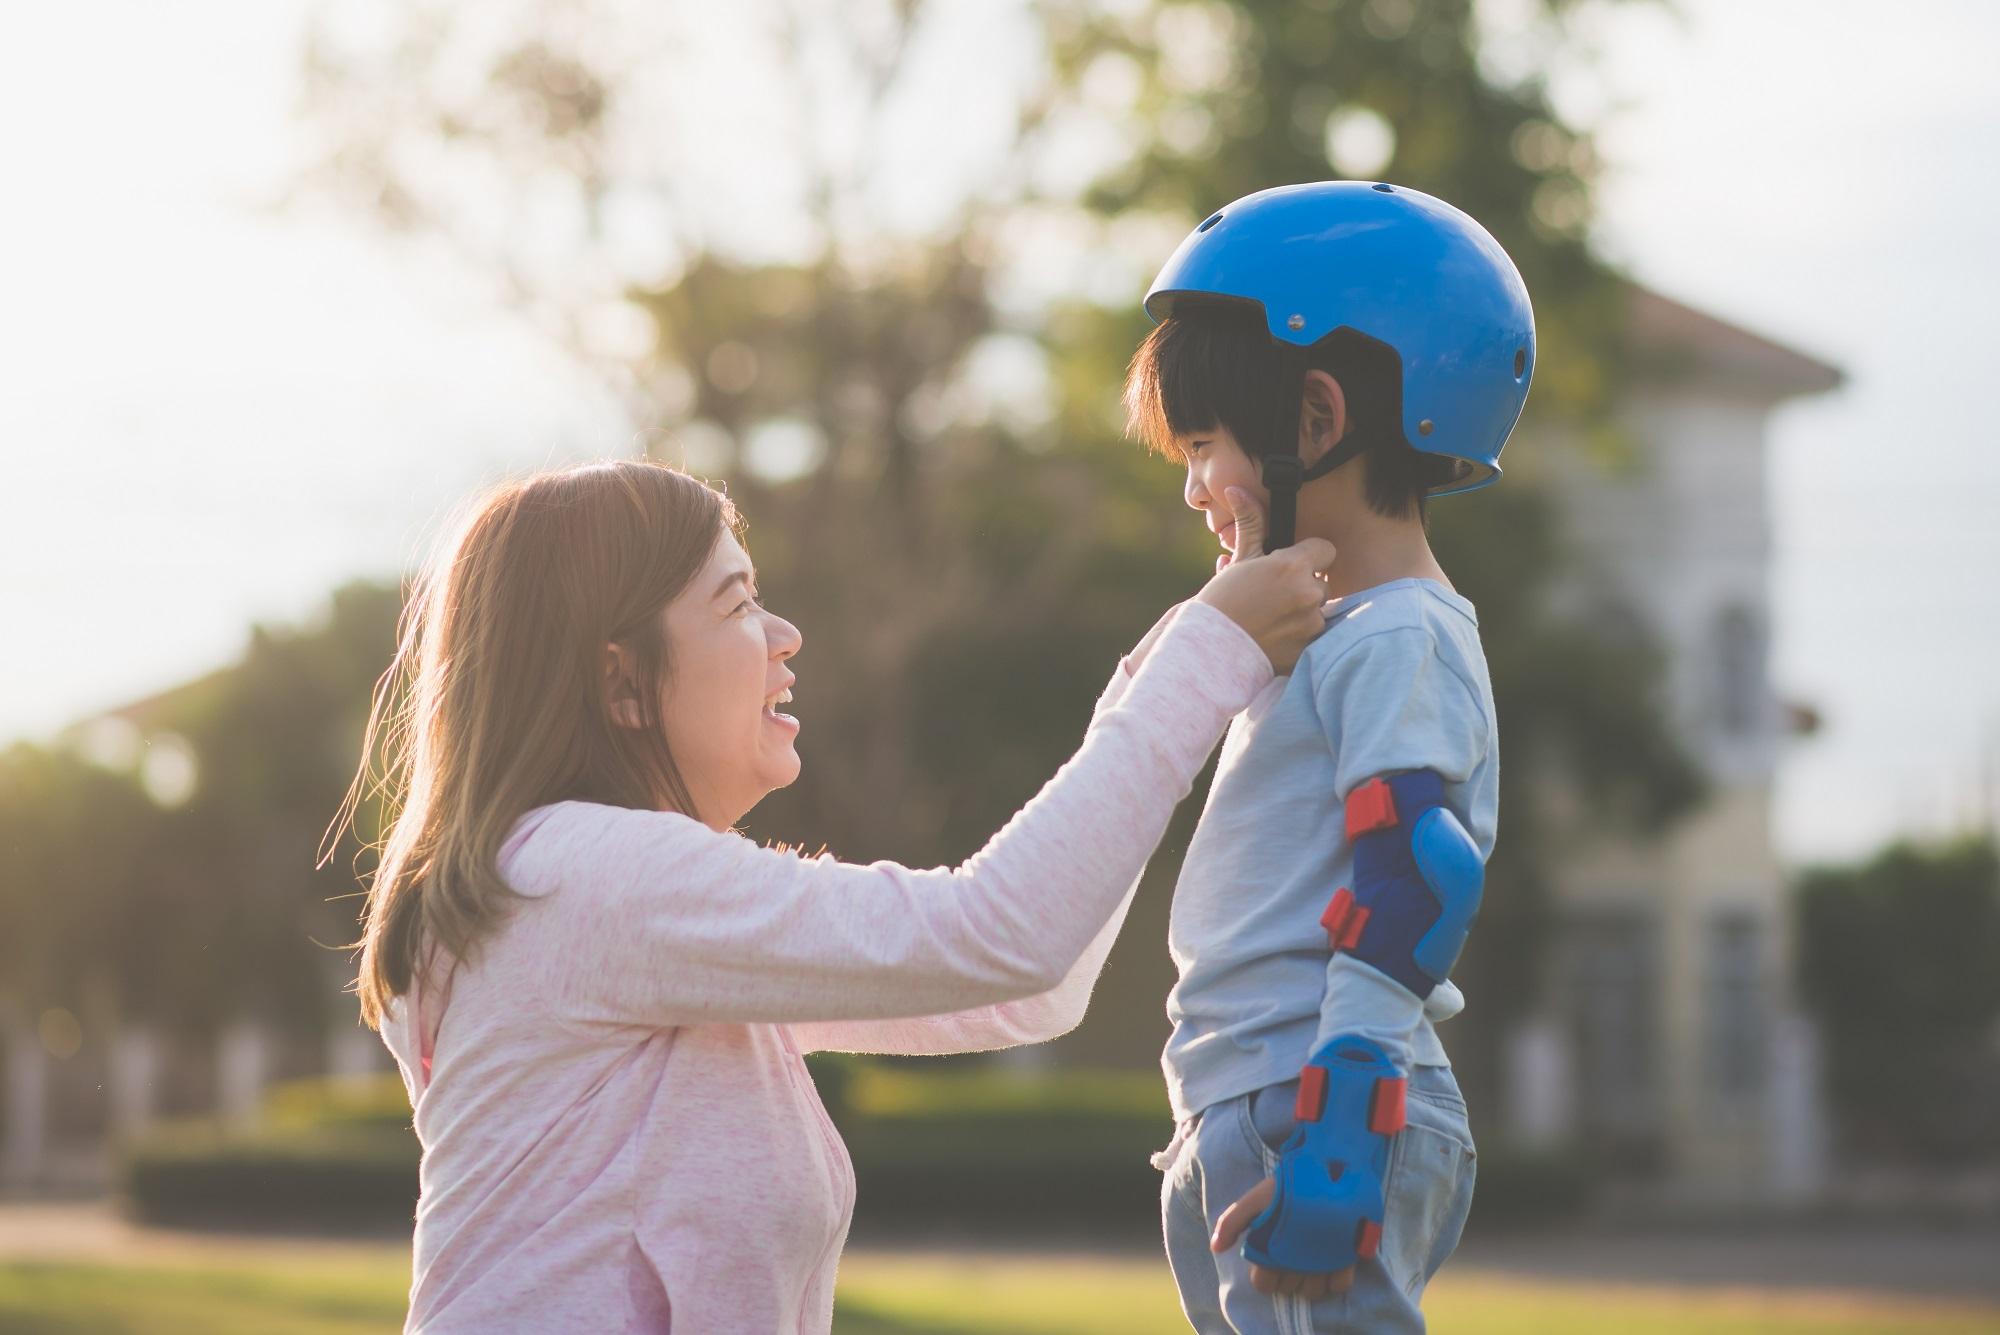 Trẻ cần có kỹ năng 4.0 gì để vững vàng đối mặt với mọi thách thức tương lai.